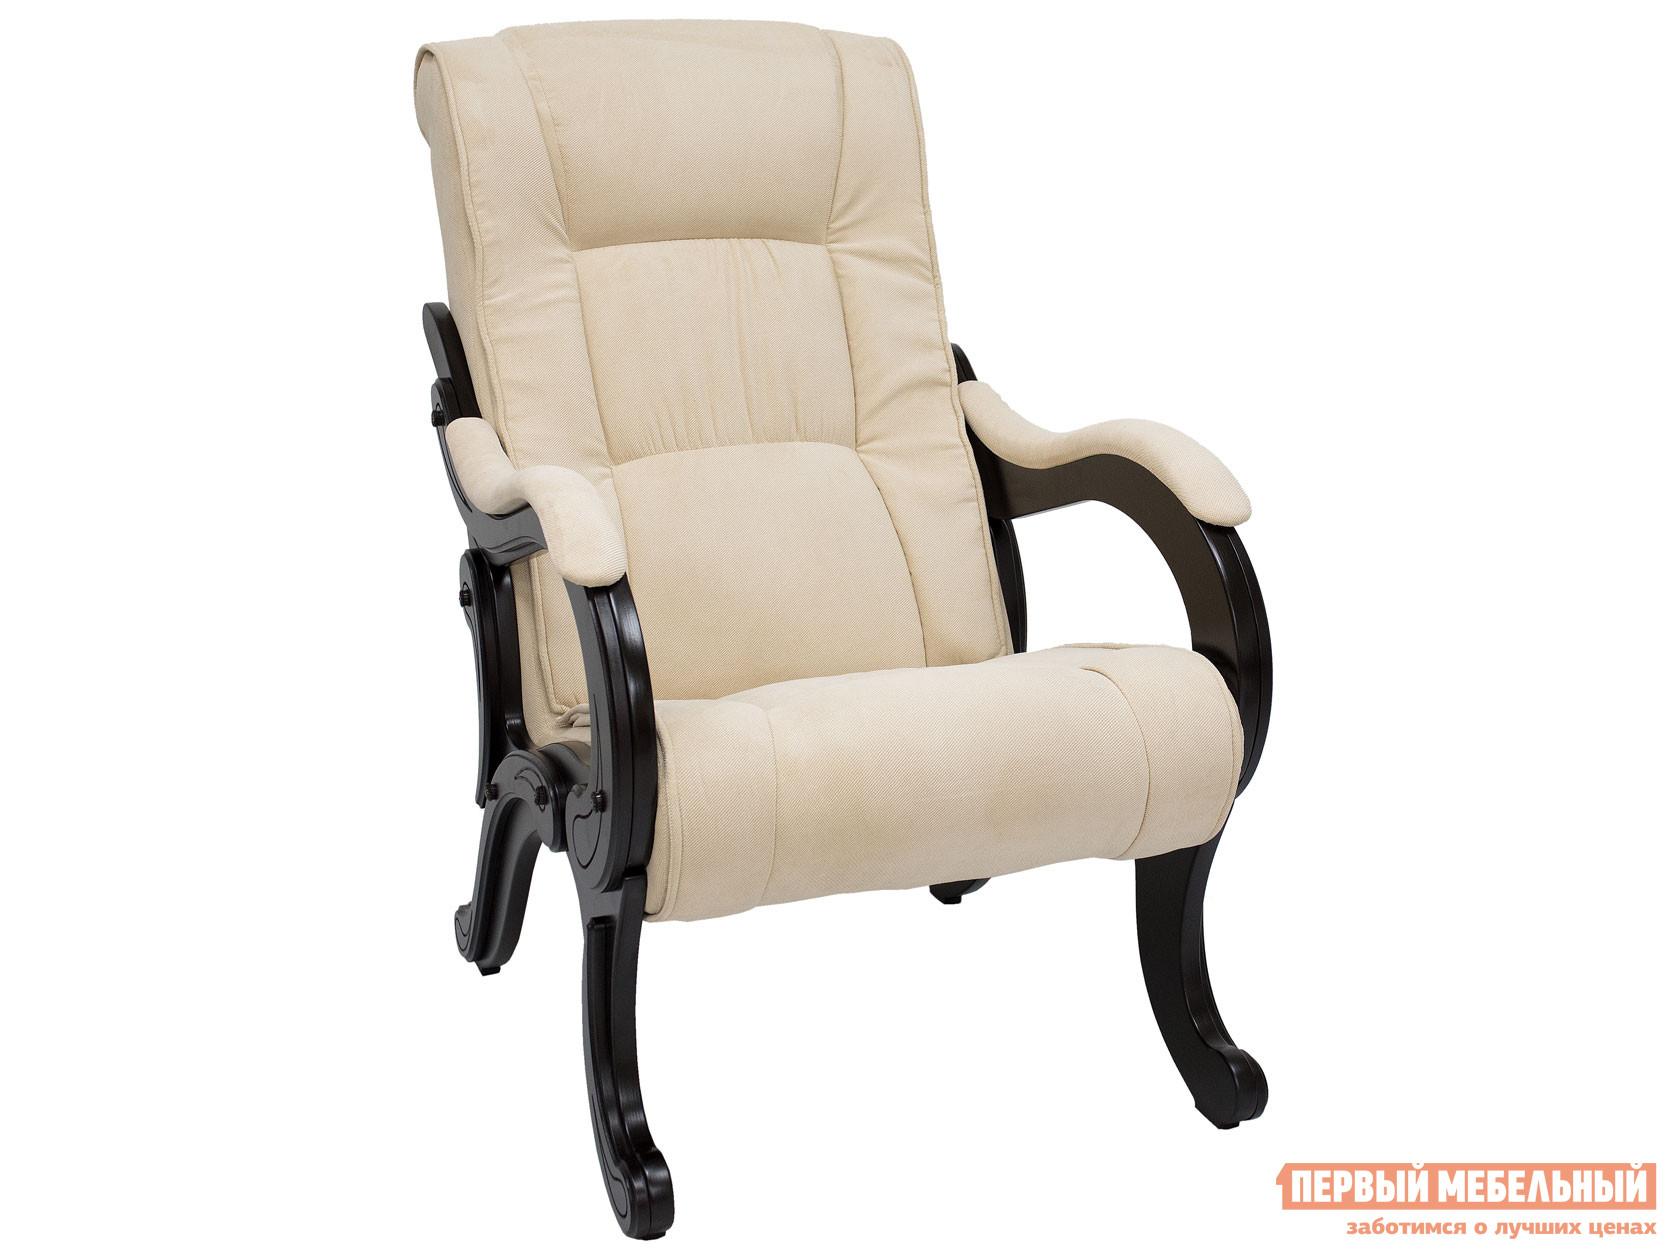 Кресло  для отдыха Комфорт Модель 71 Венге, Verona Vanilla, велюр Мебель Импэкс 102381